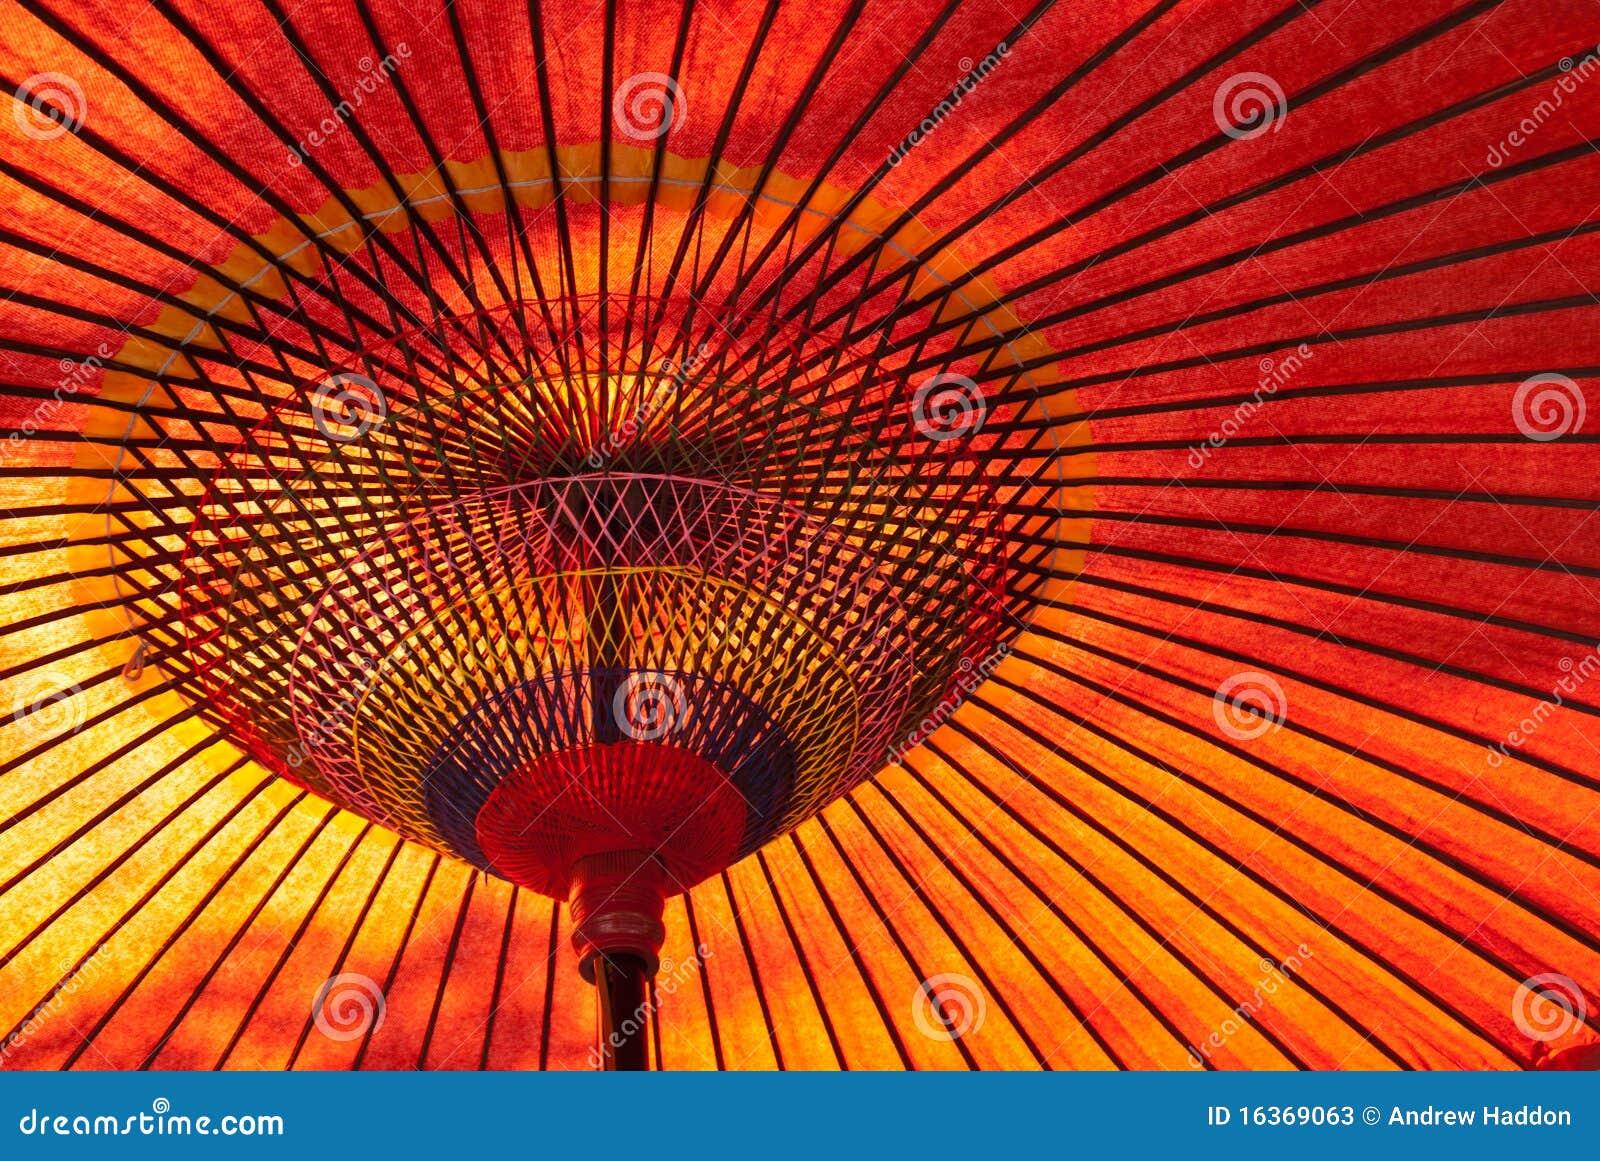 ιαπωνικό parasol κόκκινο